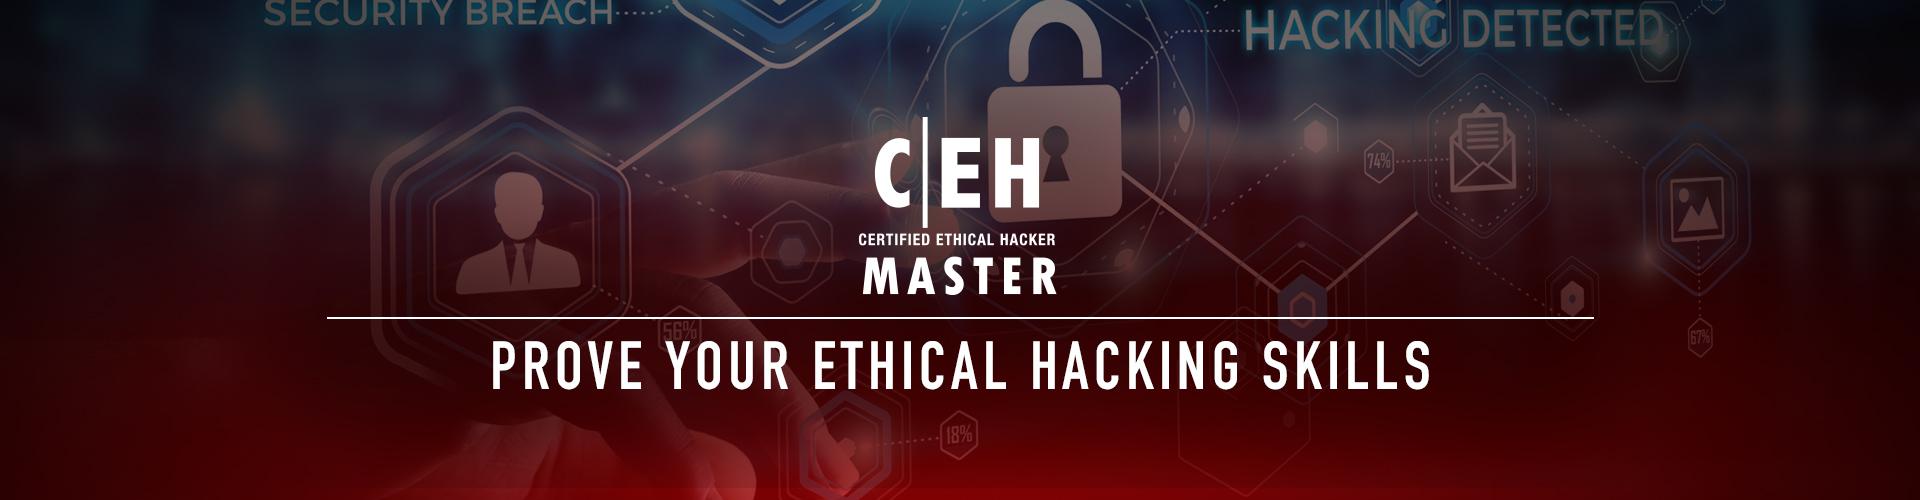 C|EH MASTER